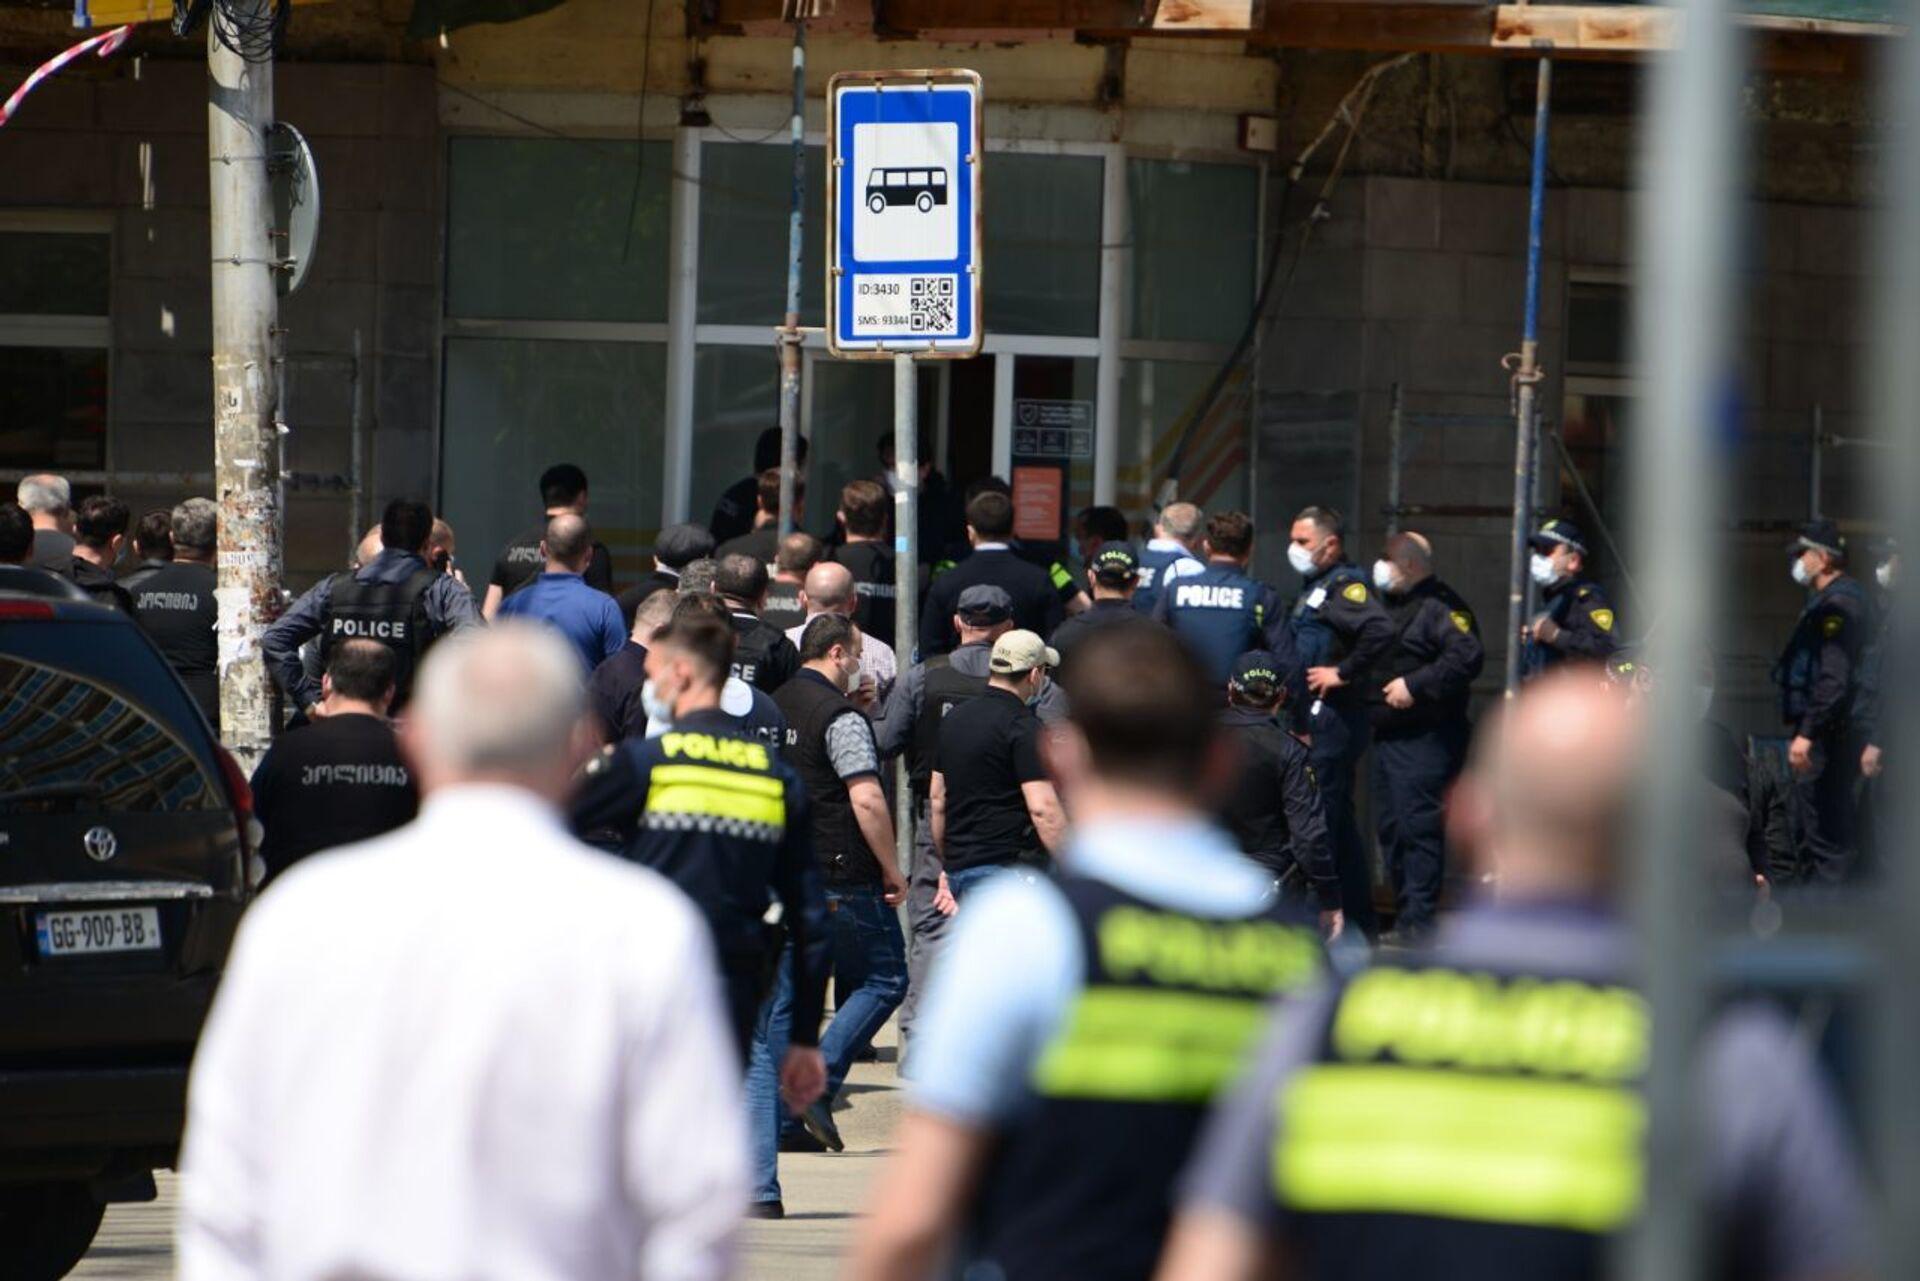 Захват заложников в Тбилиси: новое нападение на Сакартвелос банки - видео - Sputnik Грузия, 1920, 16.04.2021